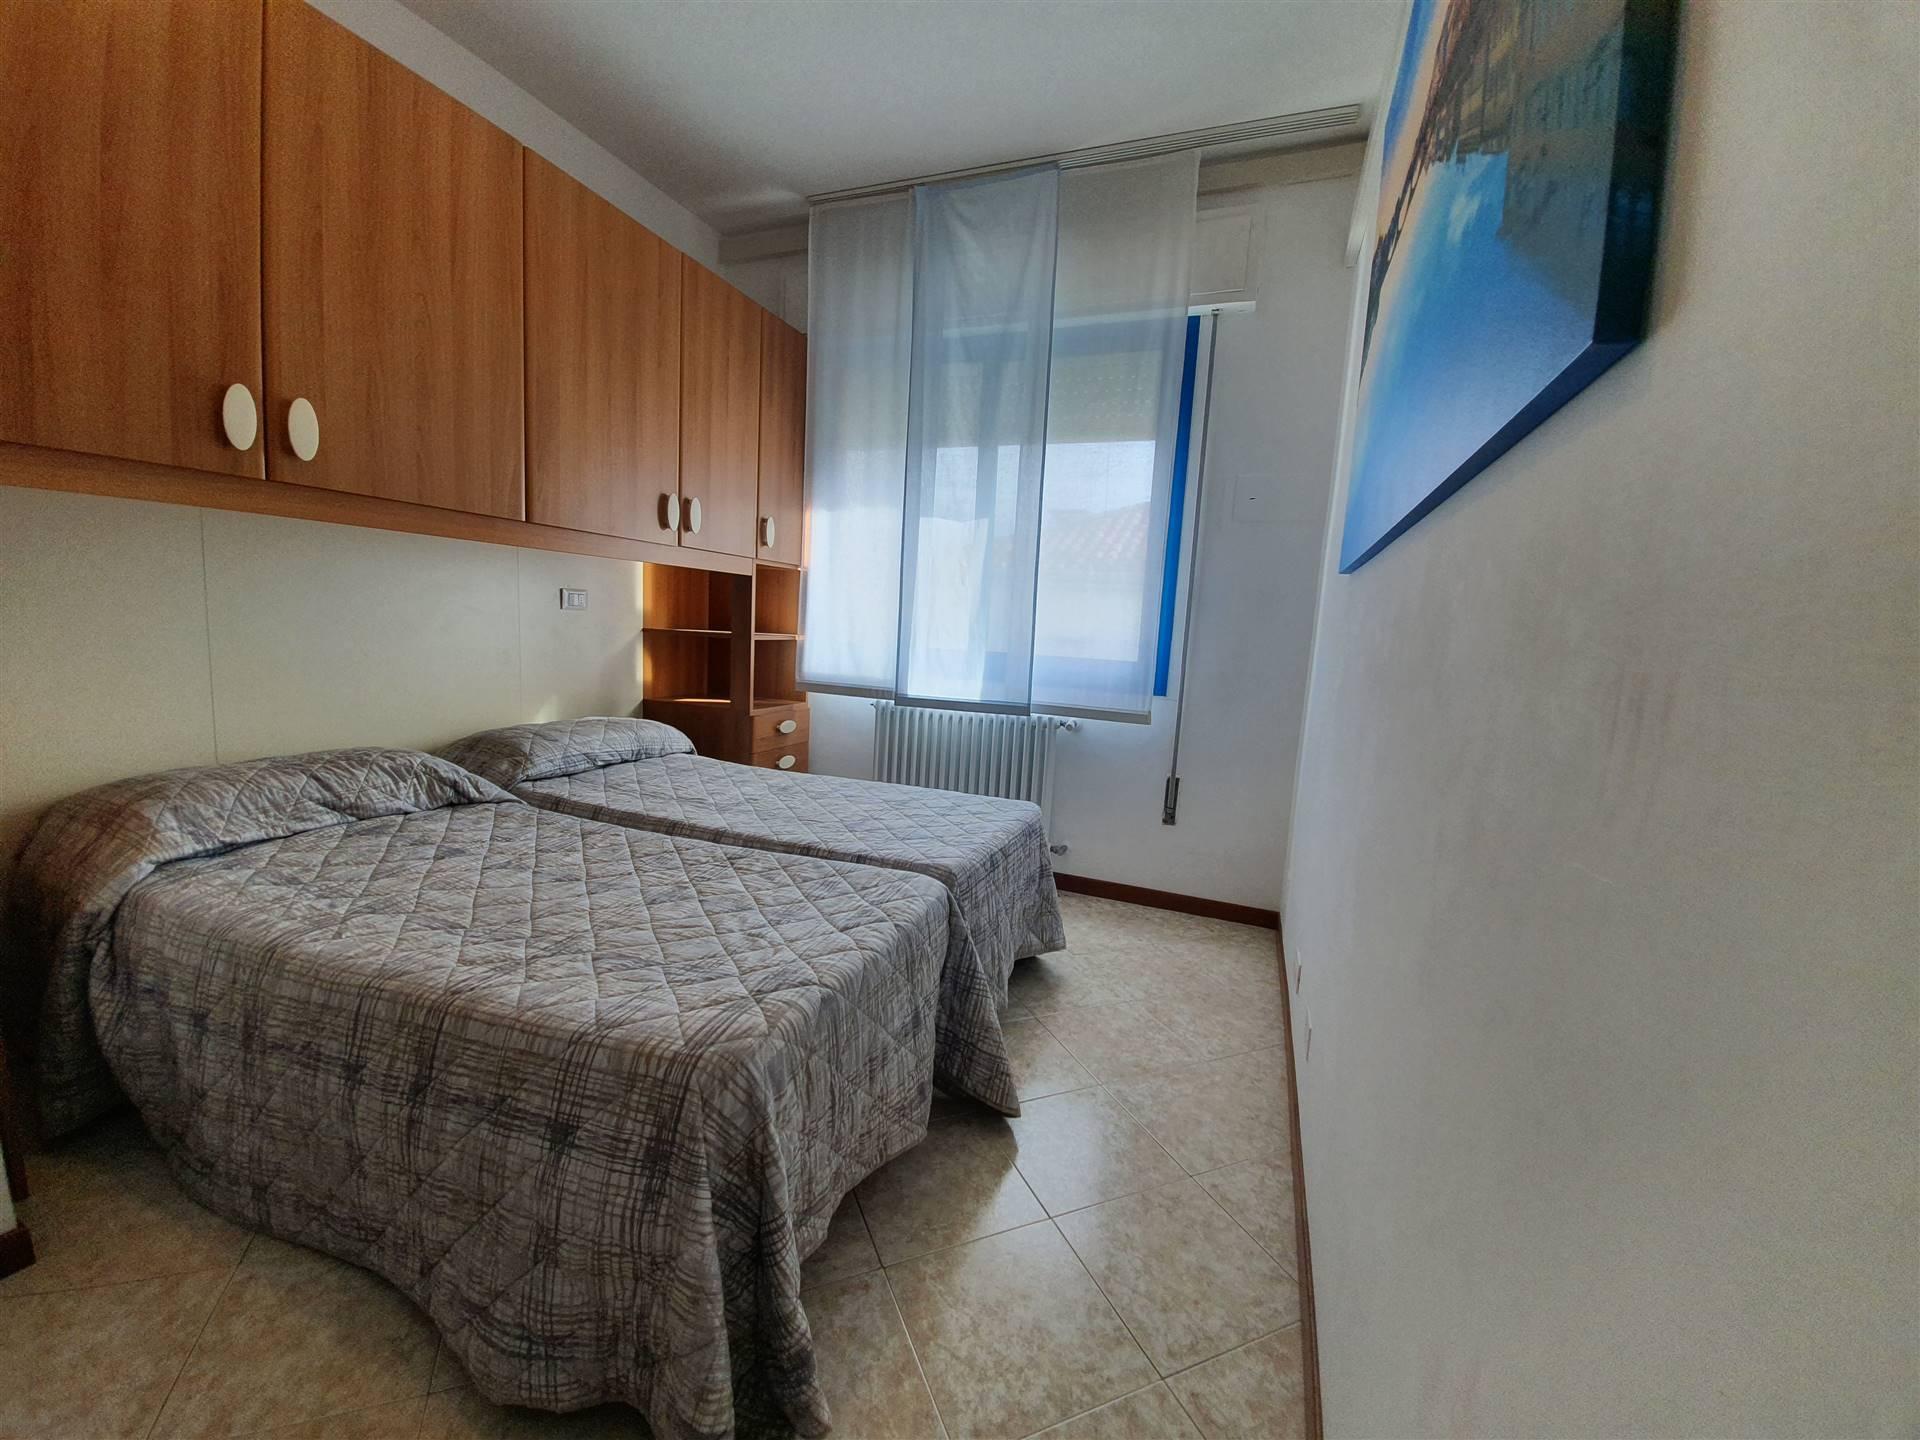 JESOLO Appartamento 2 camere  piano primo Foto 10